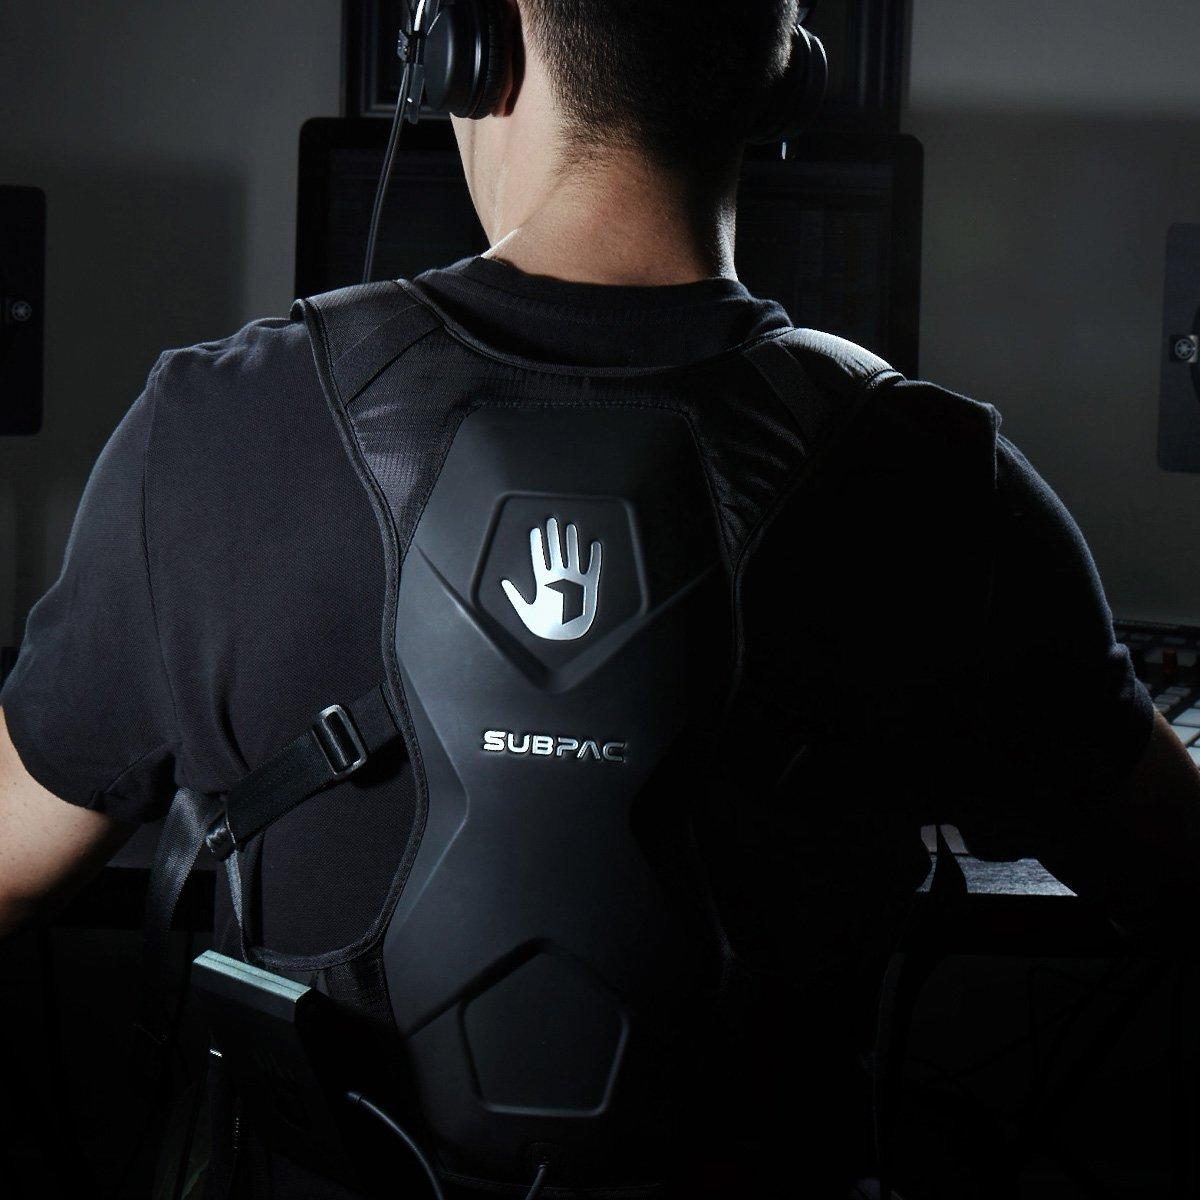 SUBPAC Escucha musica, ve peliculas y disfruta de videojuegos atraves de tu cuerpo